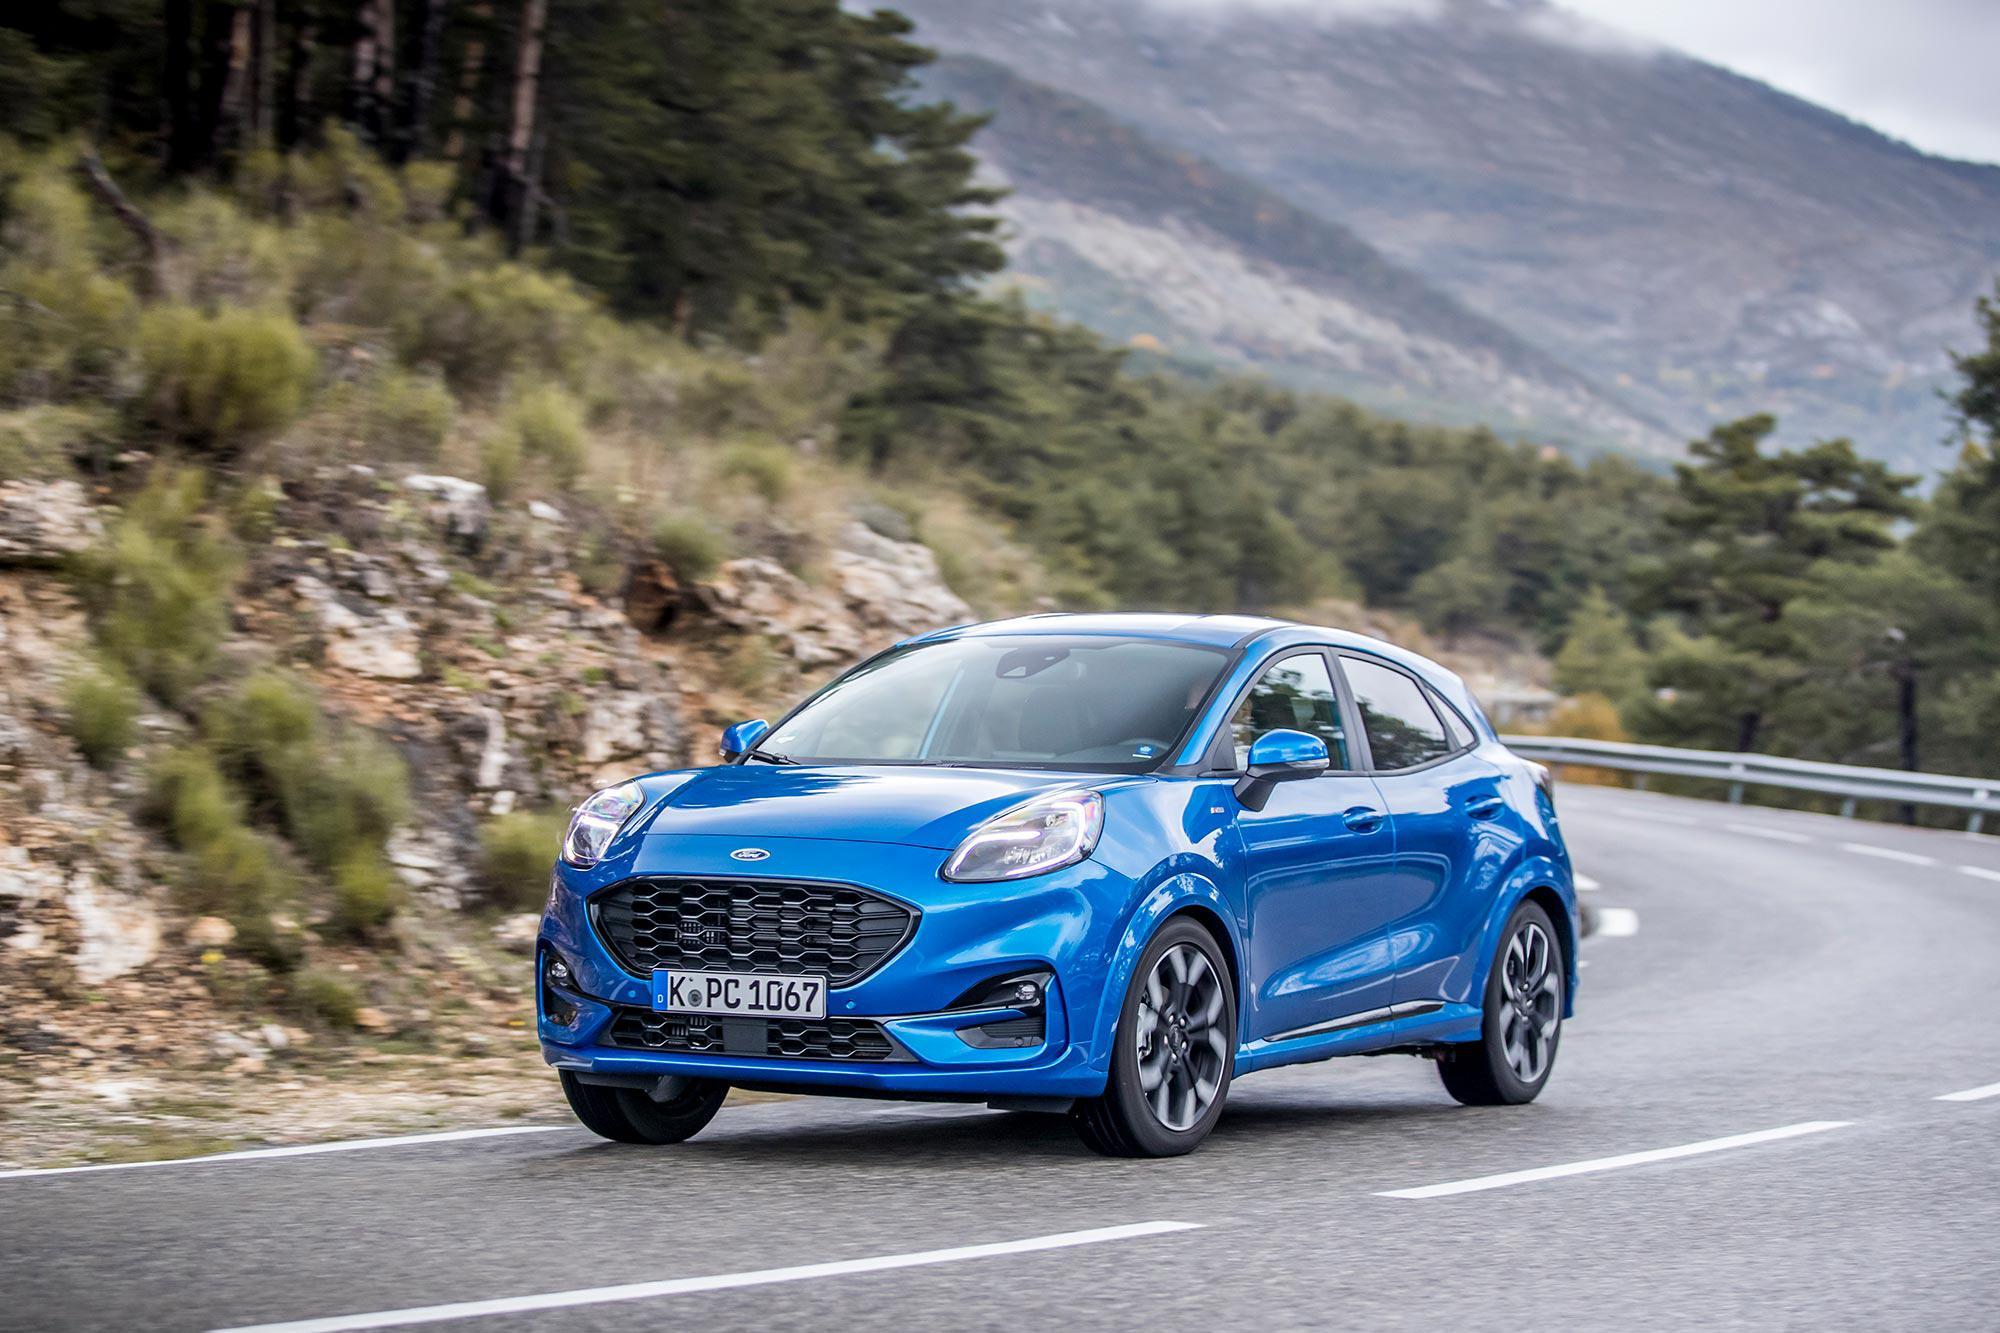 Αύξηση των πωλήσεων κατά 7,7% για την Ford